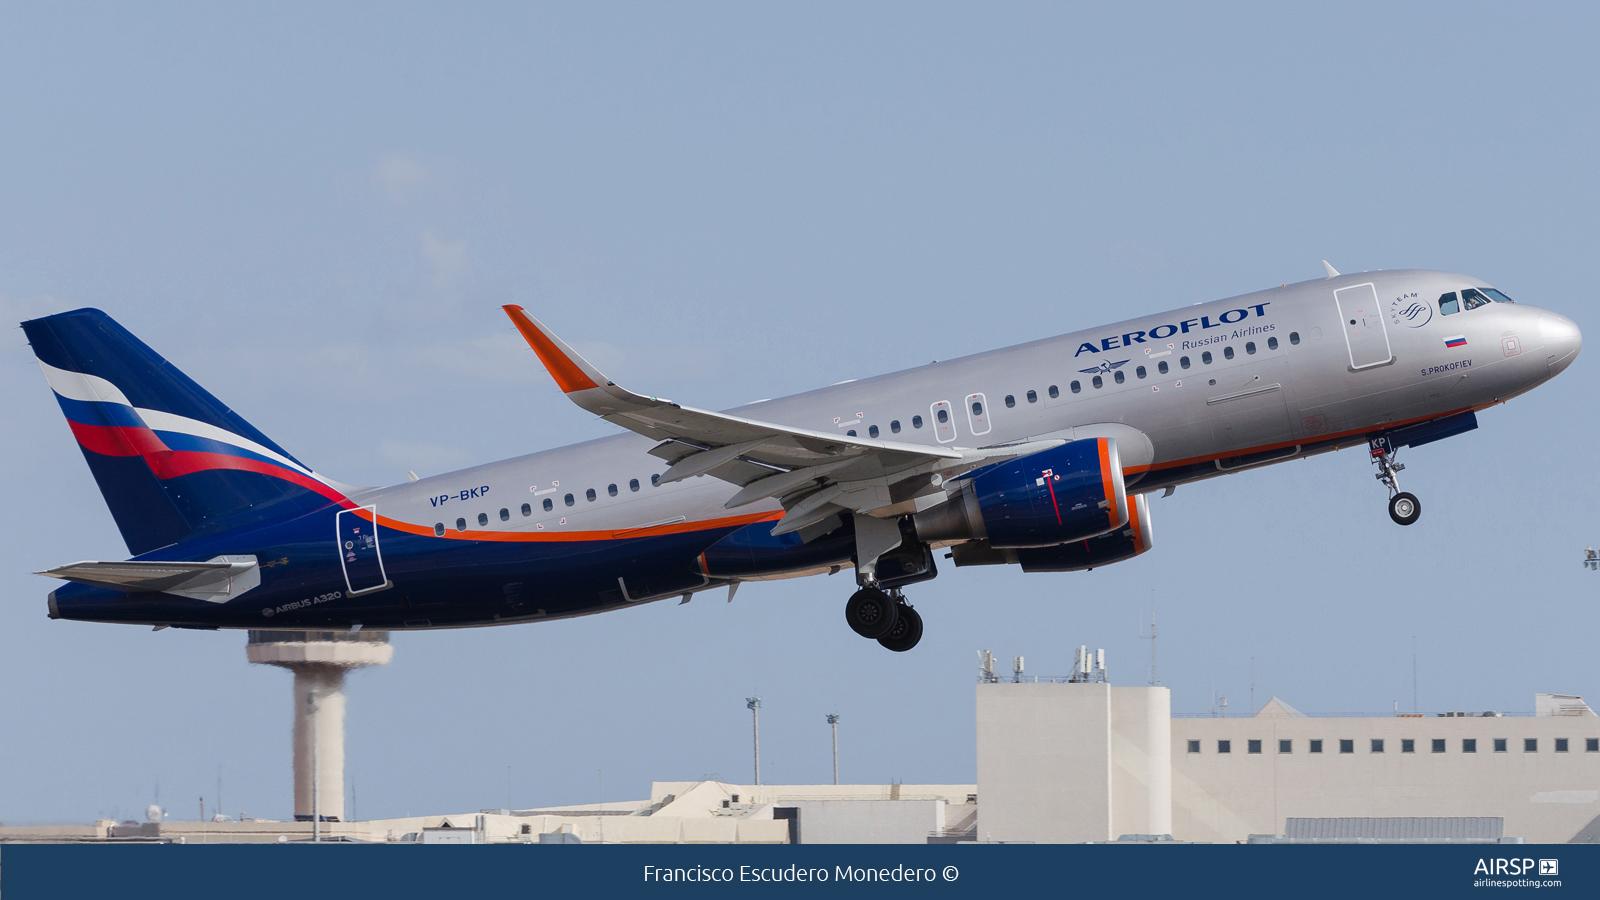 Aeroflot  Airbus A320  VP-BKP